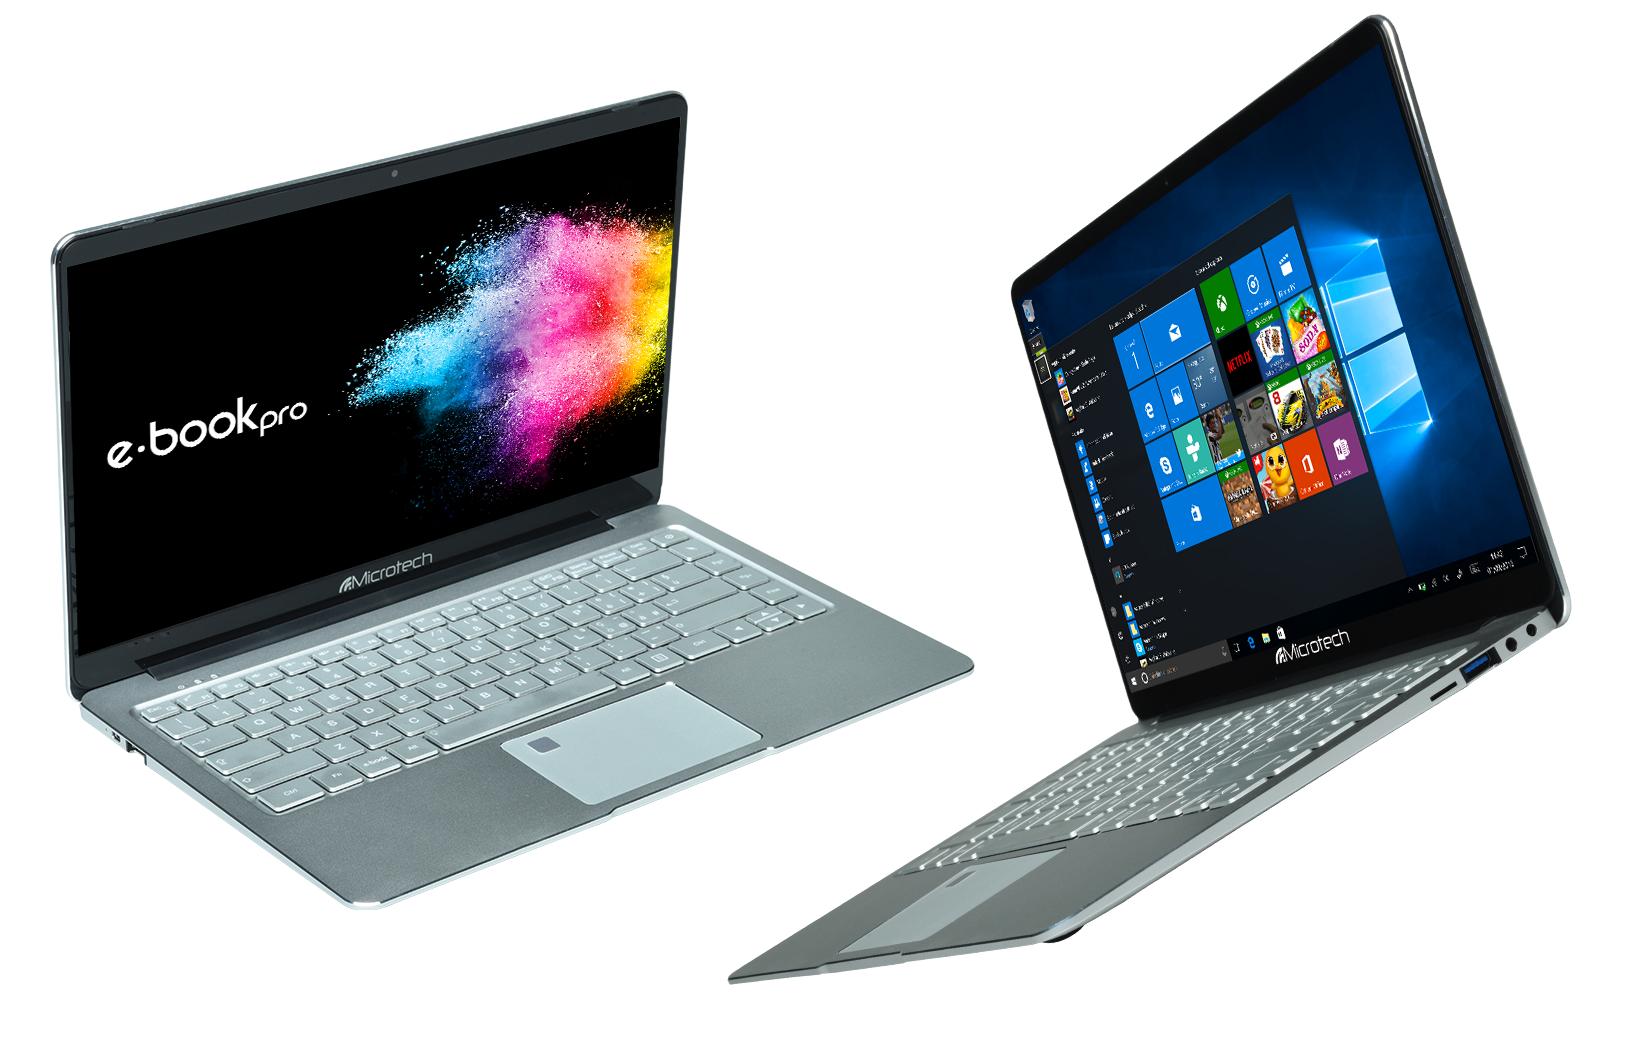 """Microtech E-Book Pro / Ultrabook Microtech Eb14ai32 14.1"""" Intel Celeron Quad Core N3450 2,2 Ghz 32 Gb Ssd 6 Gb Lpddr3 Intel Hd Graphics 500 Tastiera Qwerty Windows 10 Home Grigio Alluminio Prodotto Italiano"""